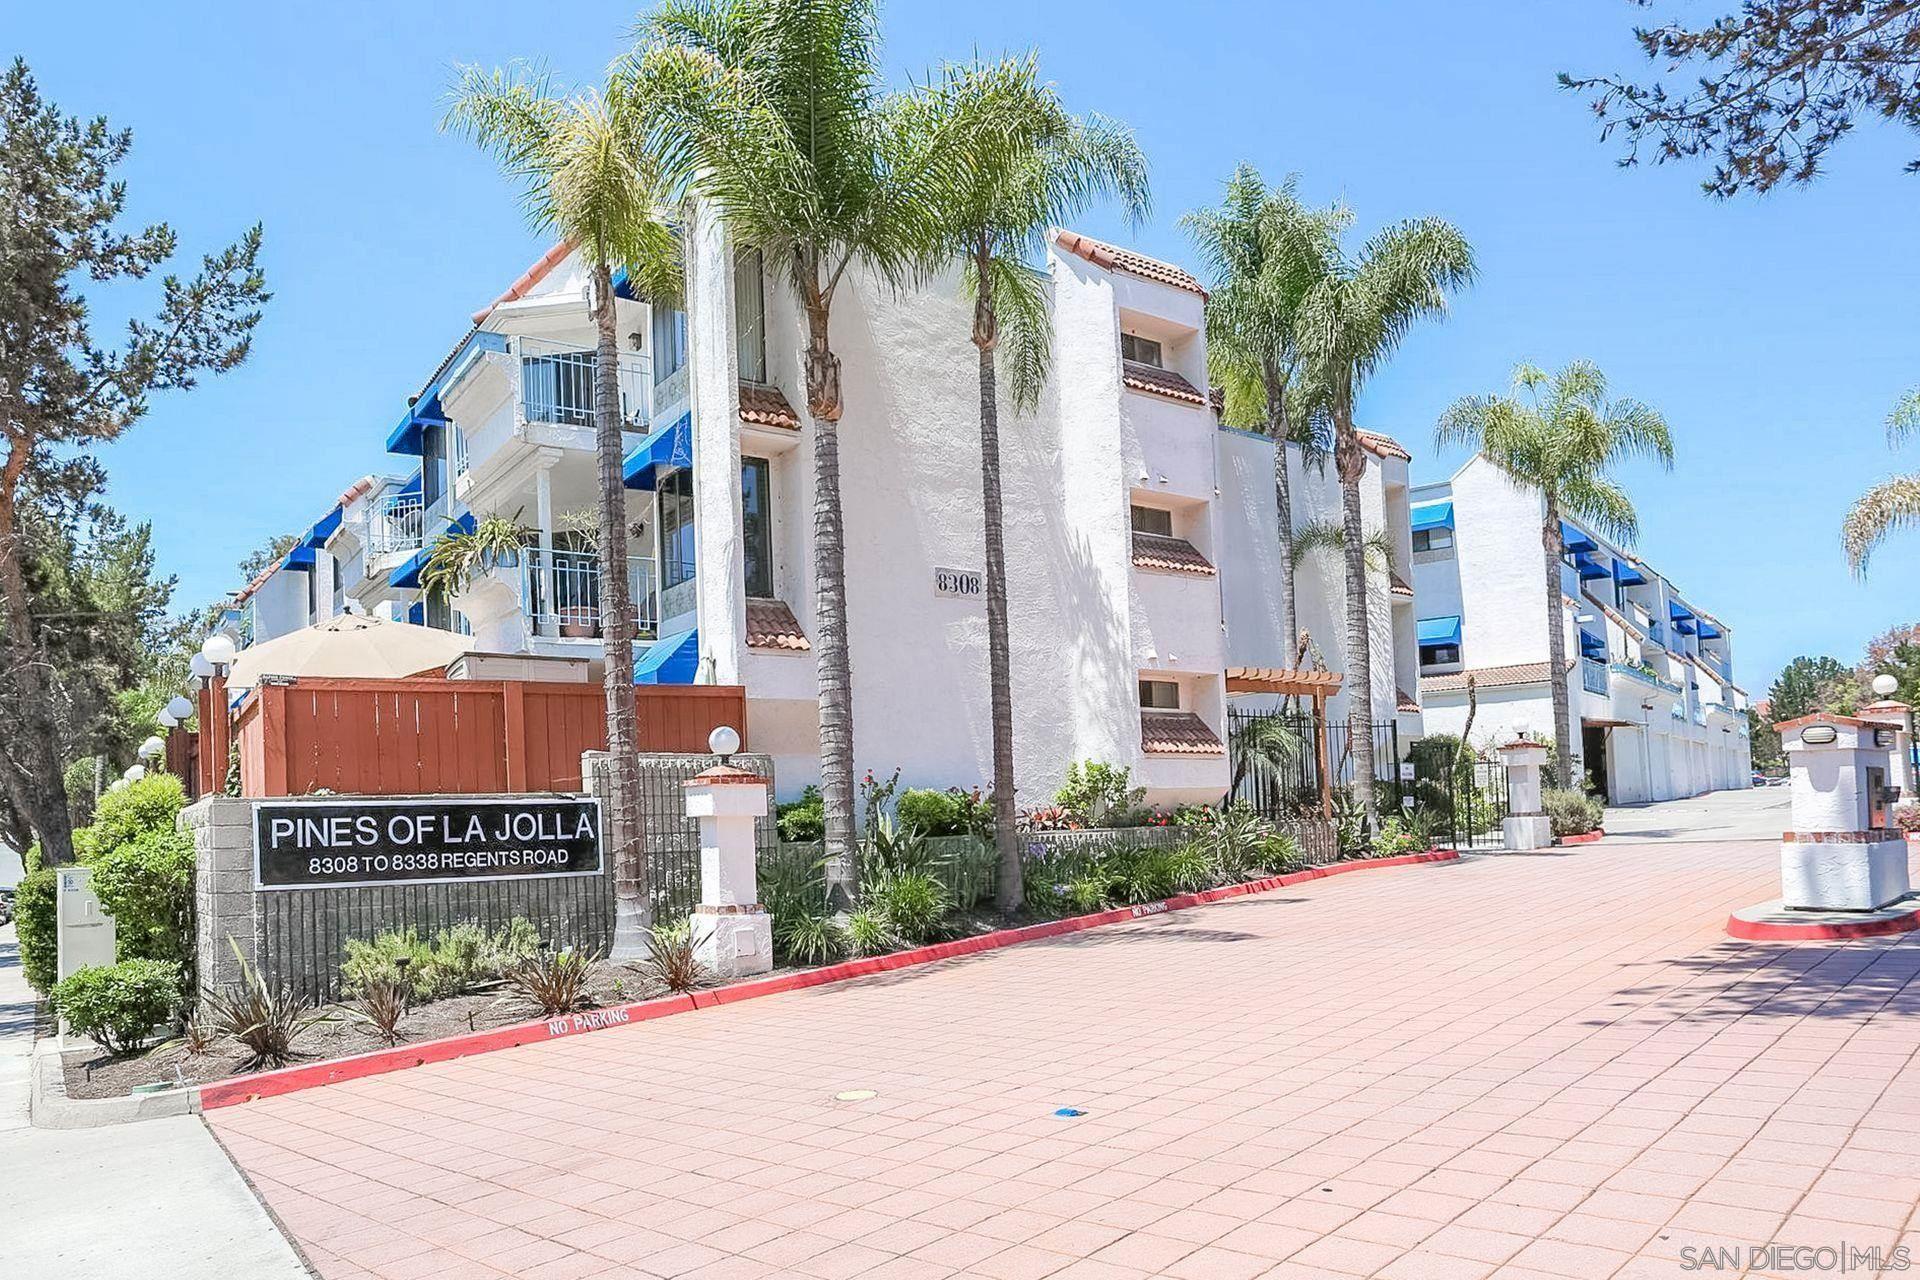 8308 Regents Rd #1B, San Diego, CA 92122 - MLS#: 210019457